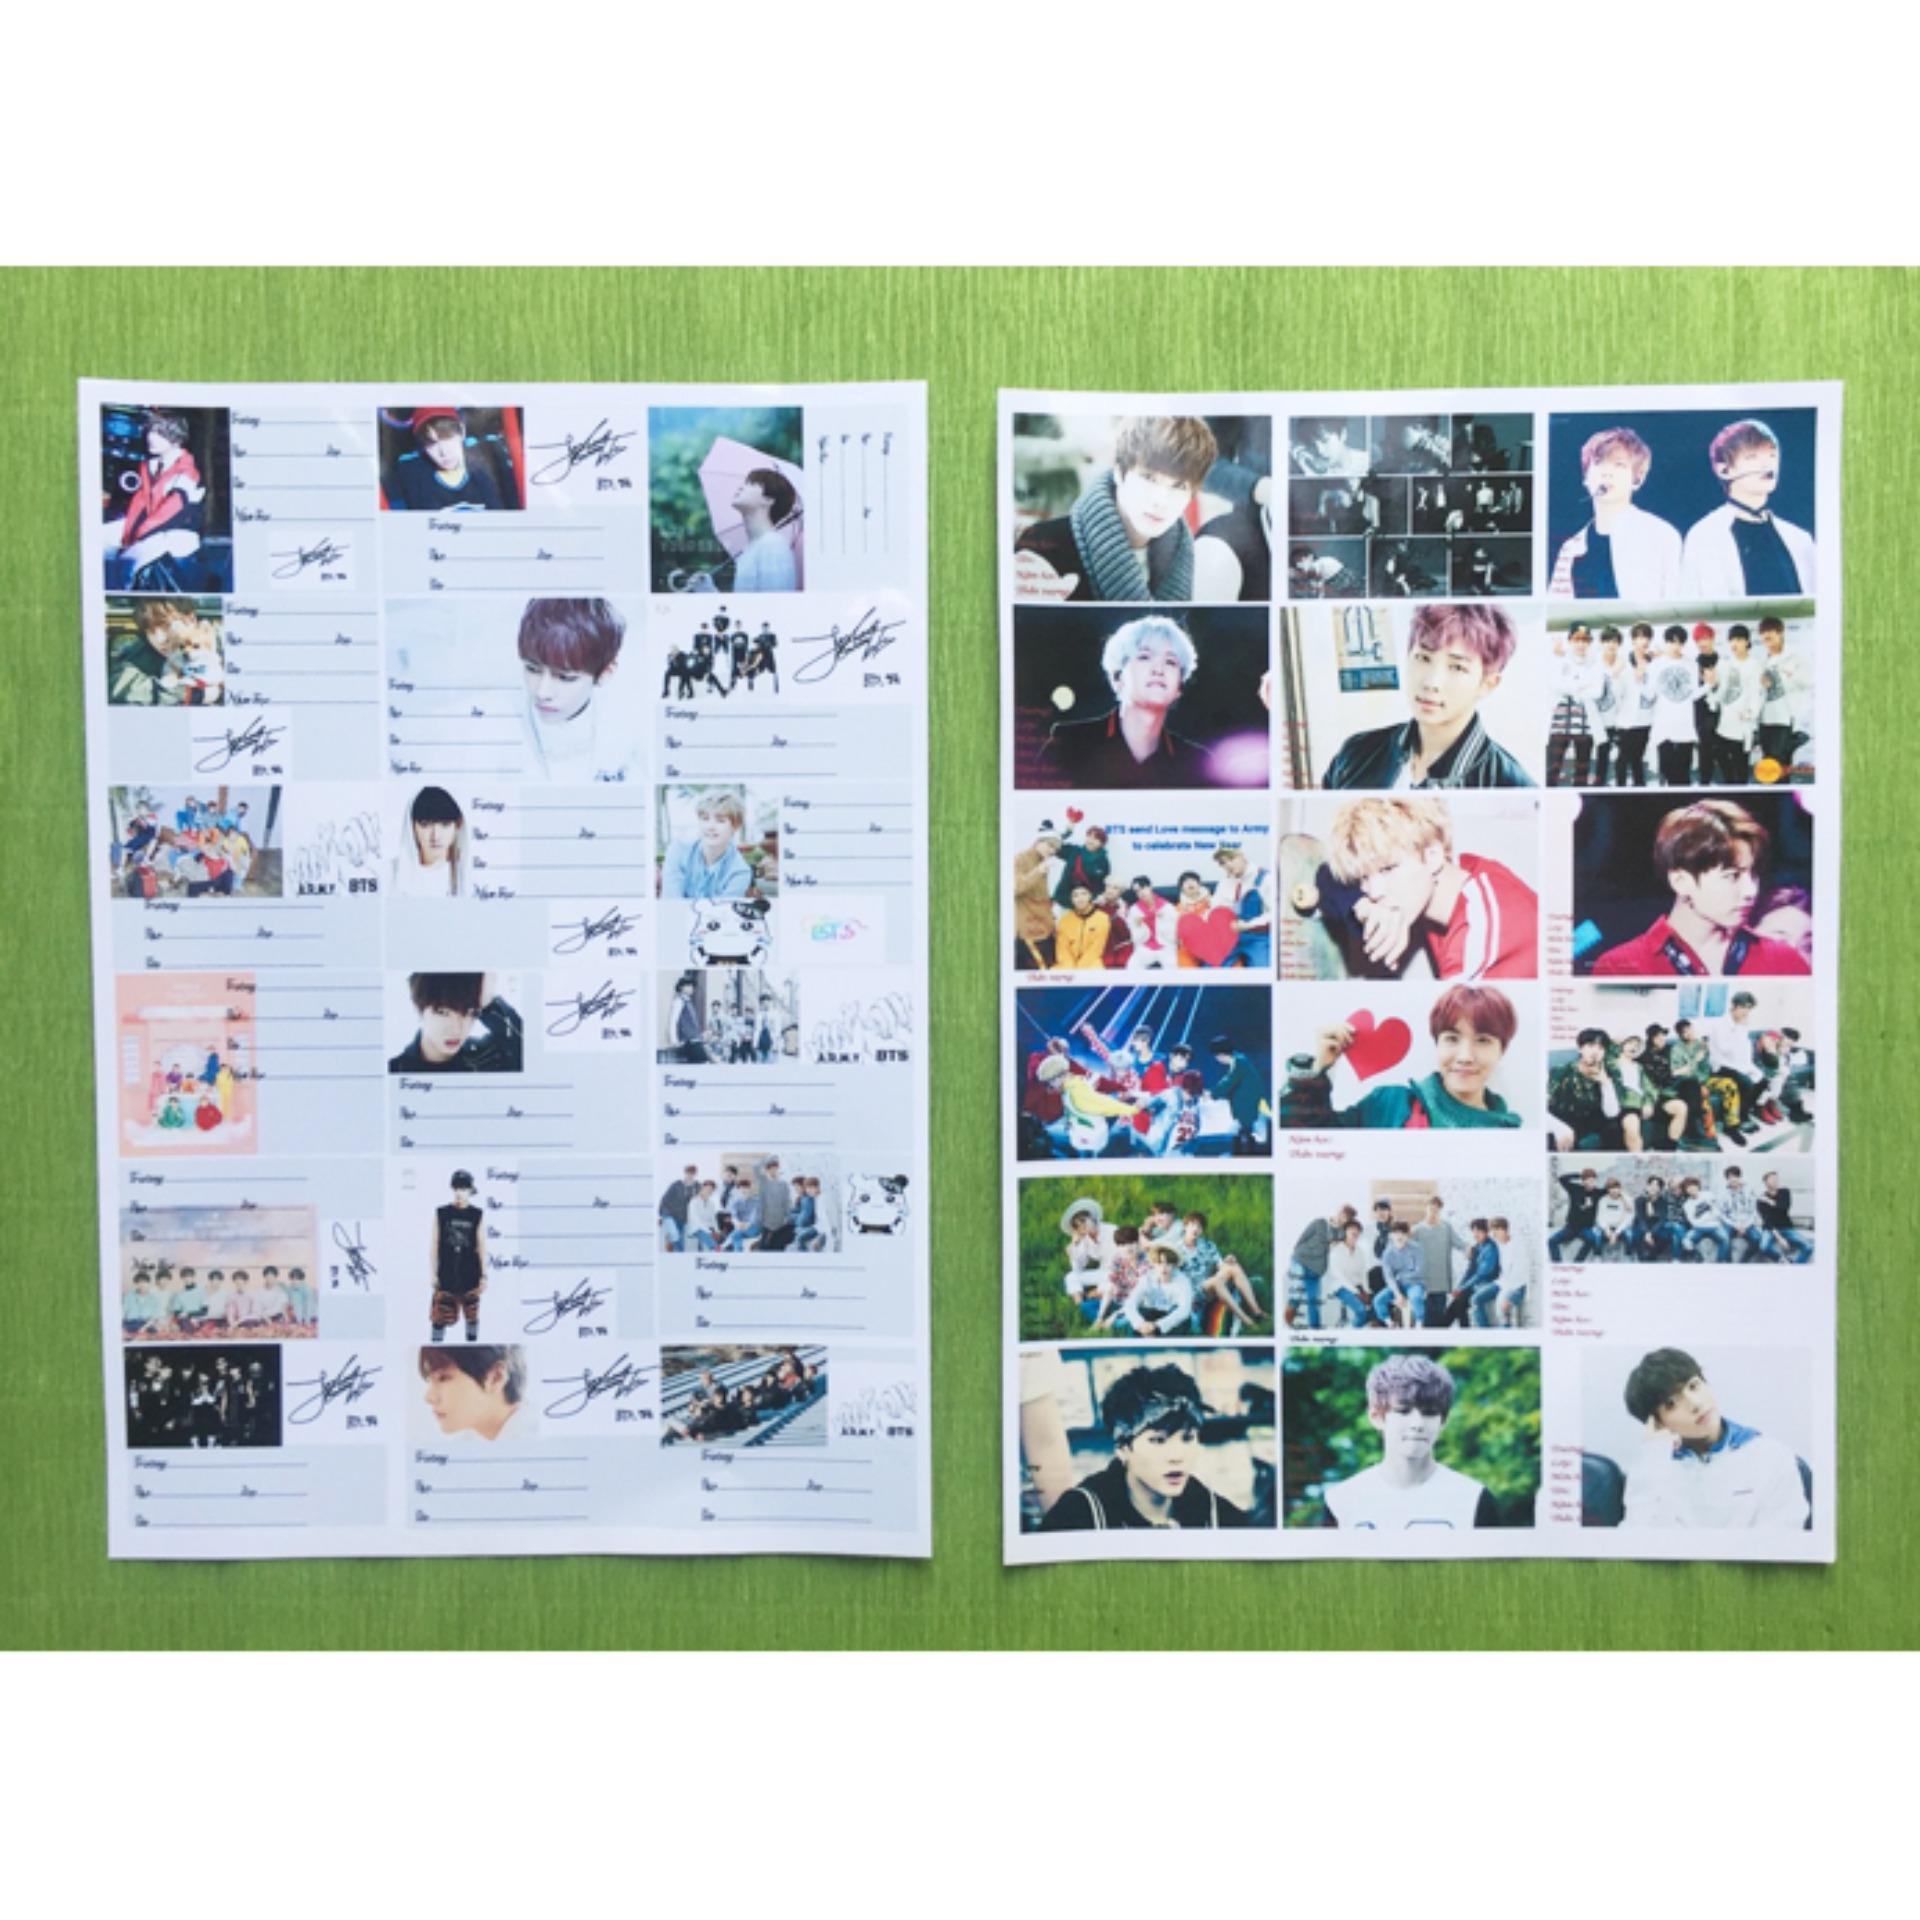 Mua Combo 90 nhãn vở BTS tặng 1 móc khóa in hình BTS